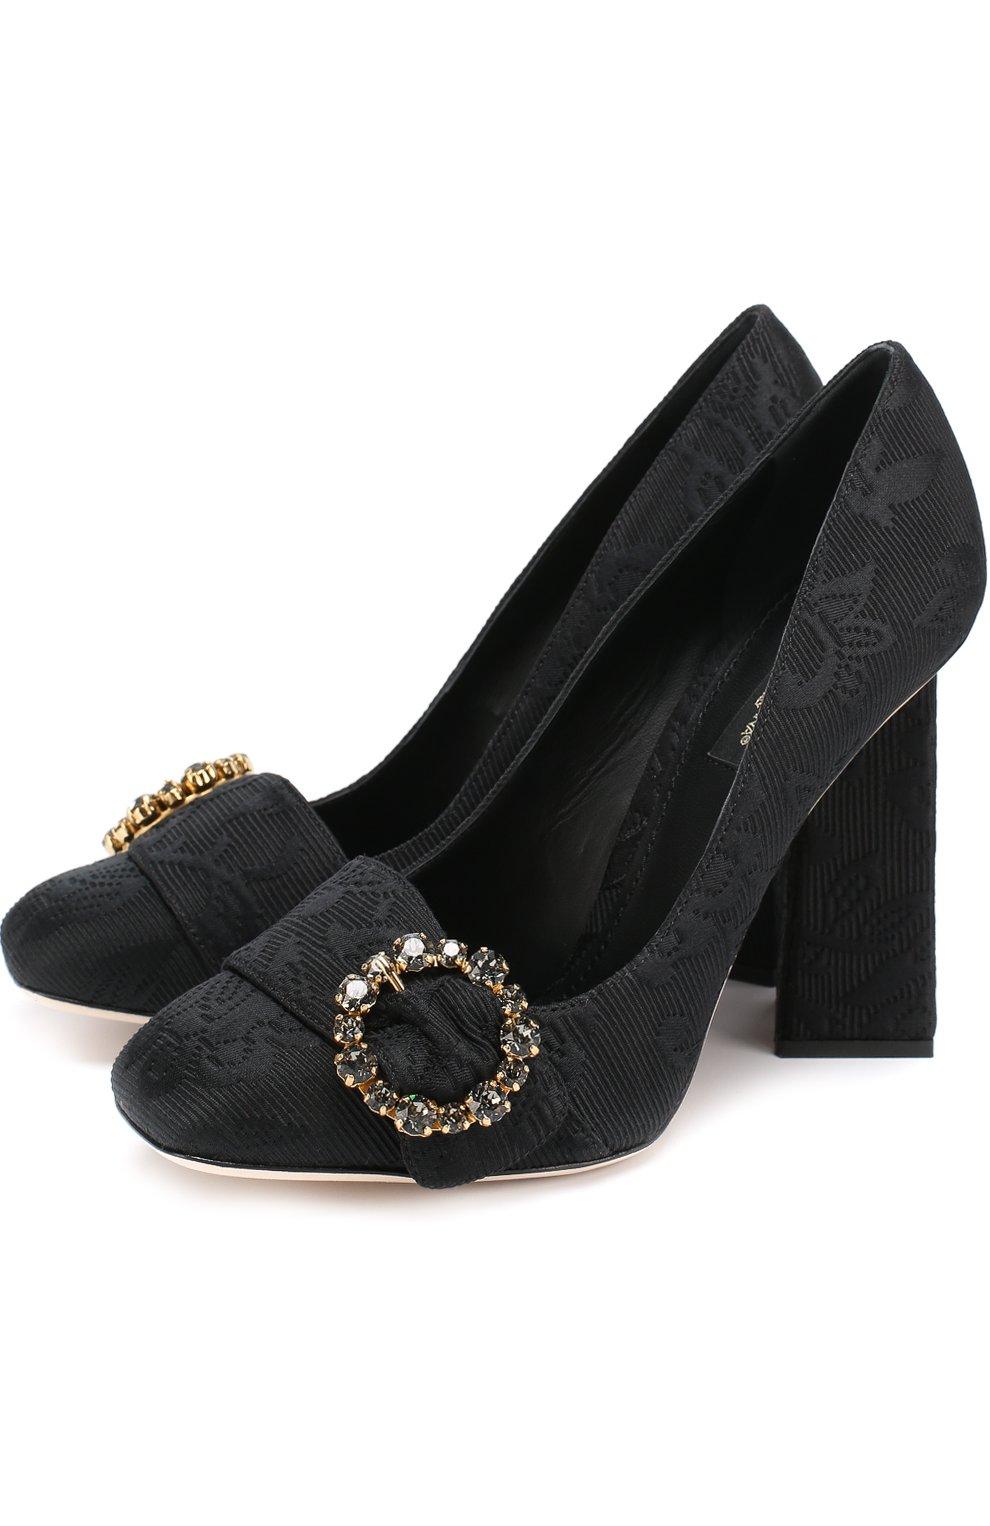 Туфли Jackie из текстиля на геометричном каблуке | Фото №1